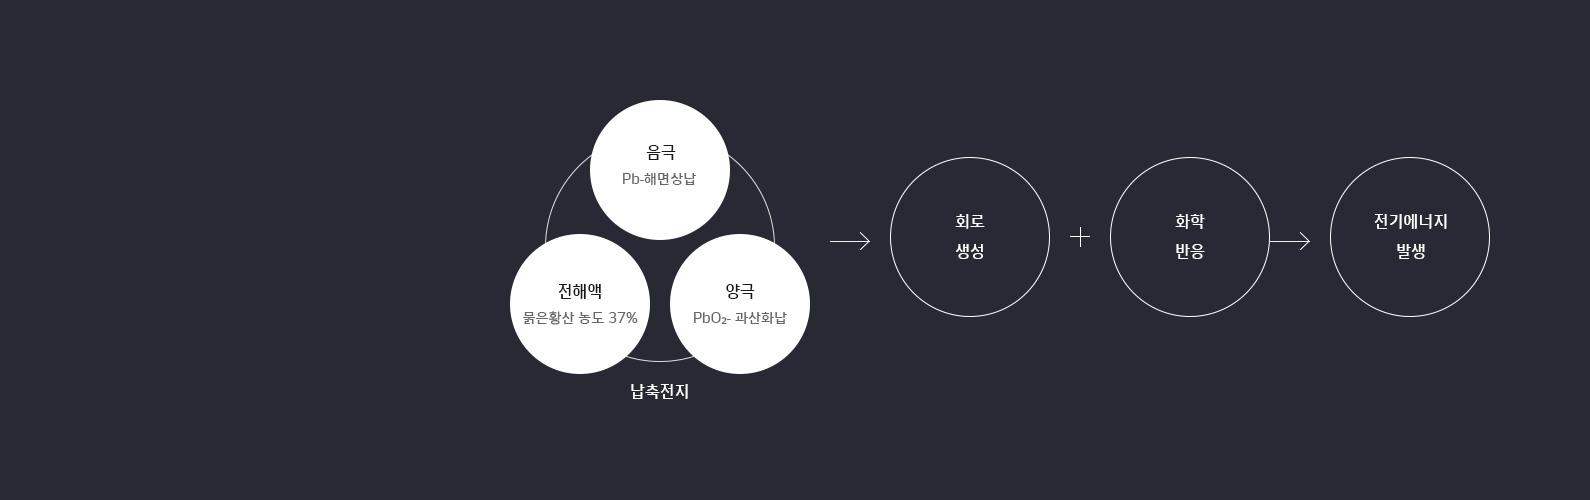 한국아트라스비엑스, Hankook AtlasBX – 납 축전지, 회로 생성 및 화학 반응 통해 전기에너지 발생